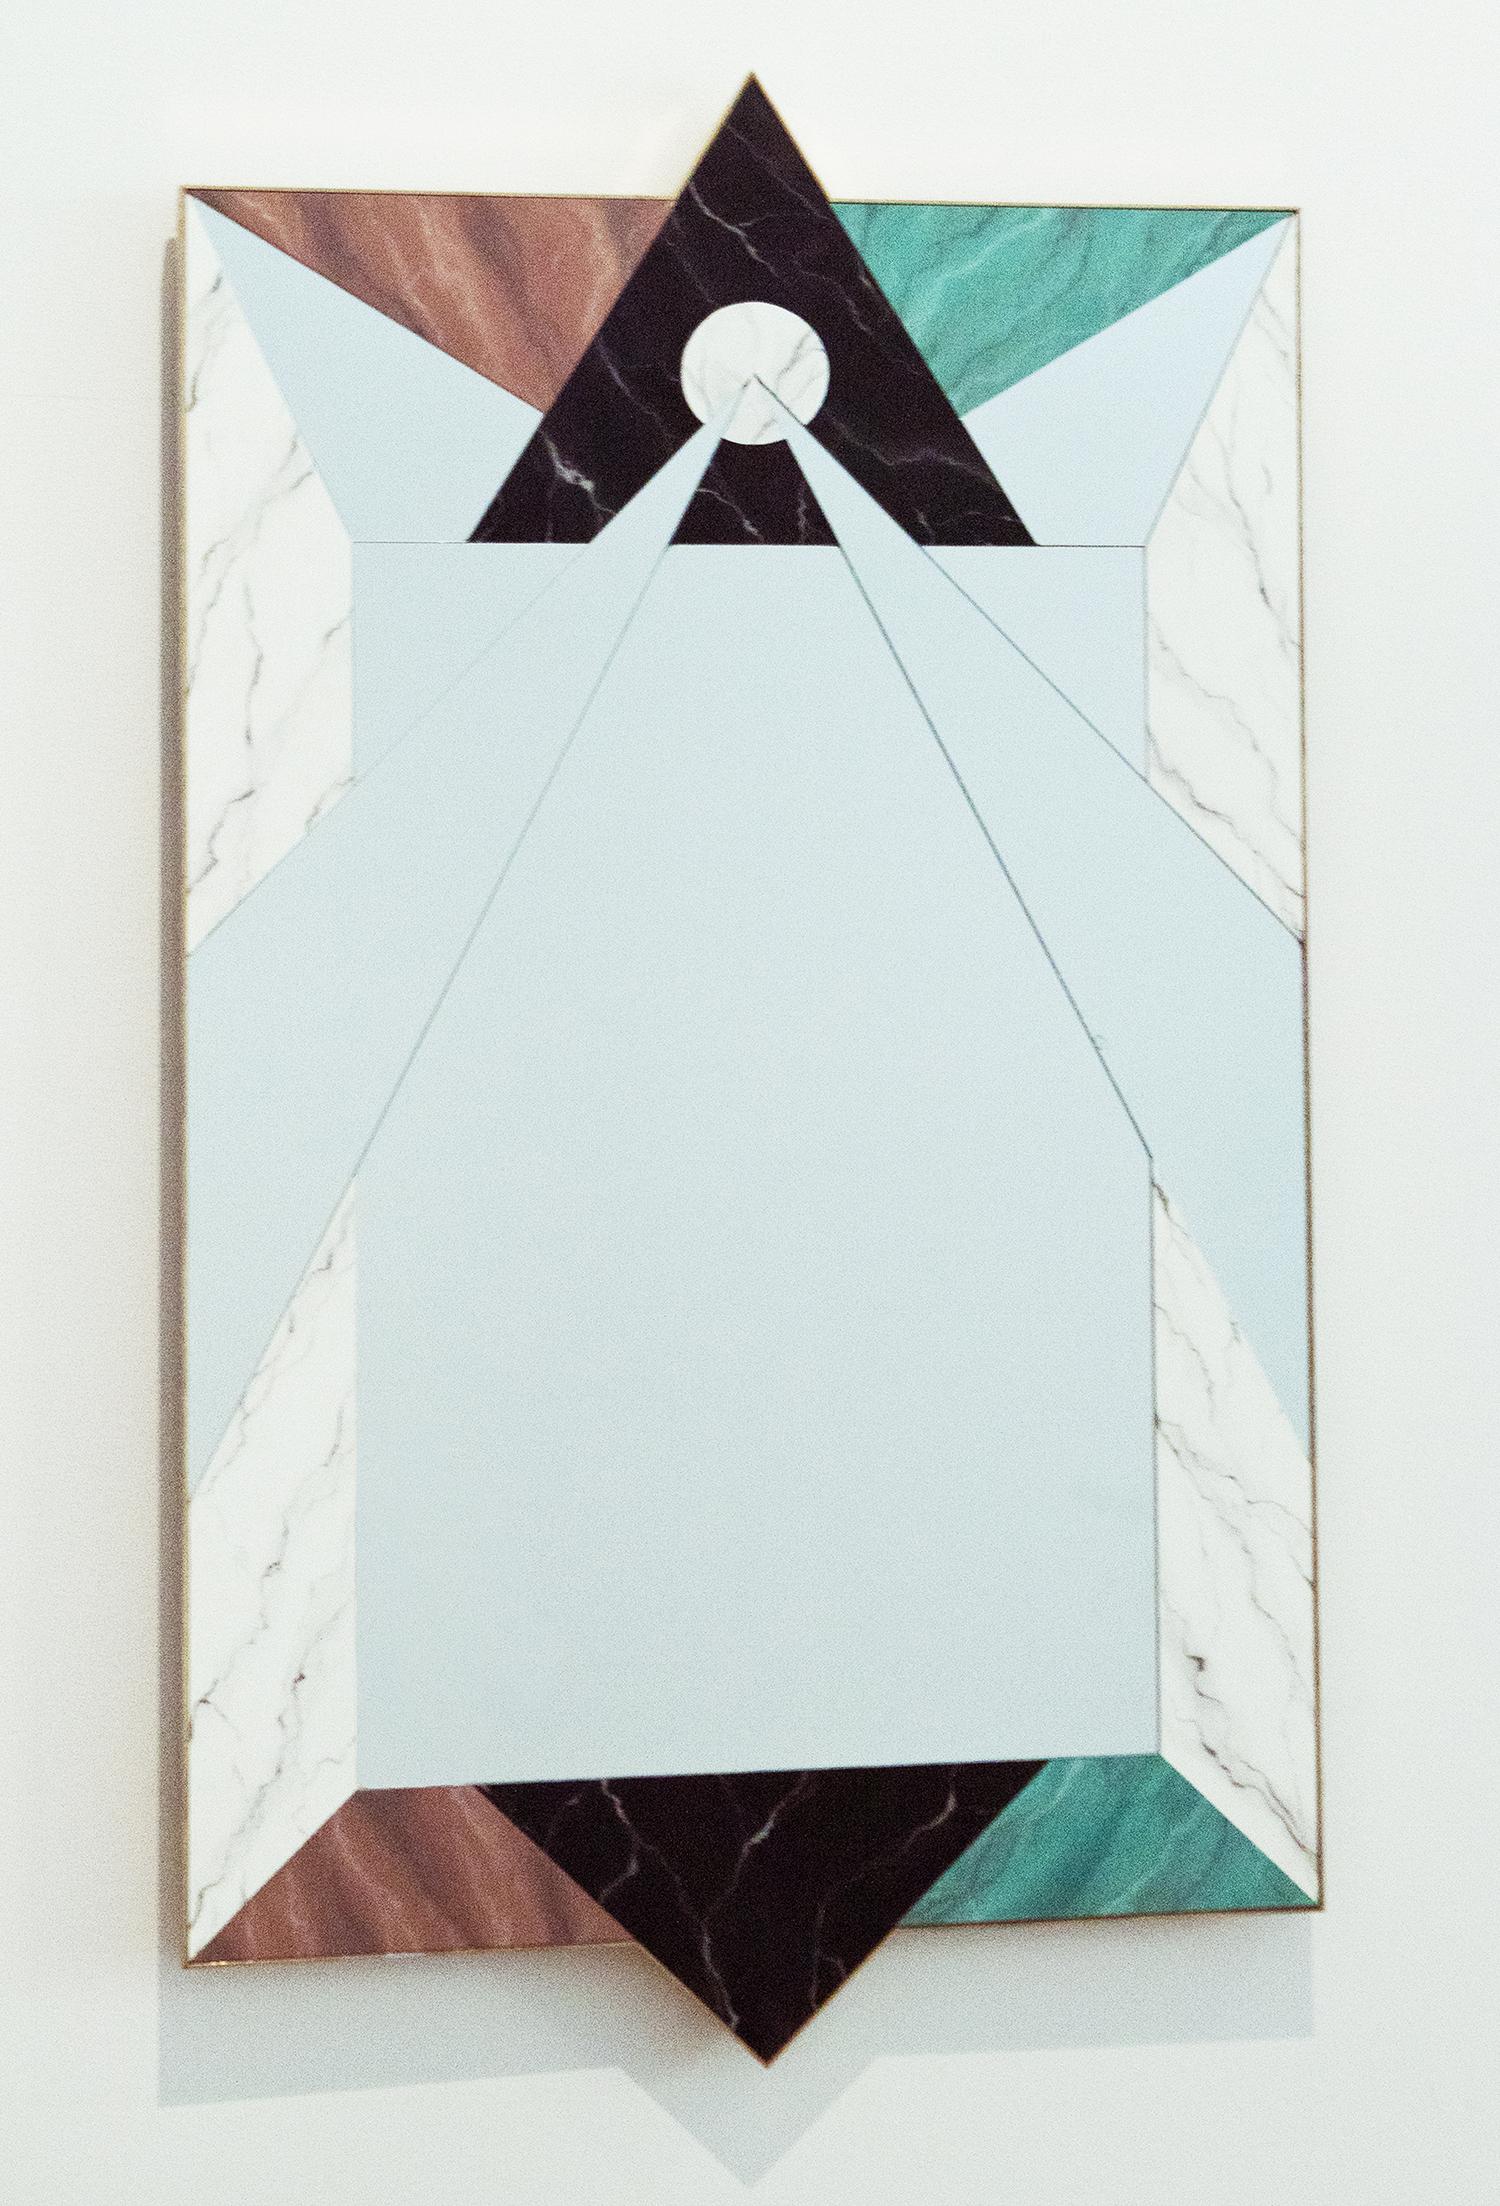 """Petra Lilja """"Medusa Mirror""""   All photos by Rikke Luna & Matias © I DO ART Agency."""